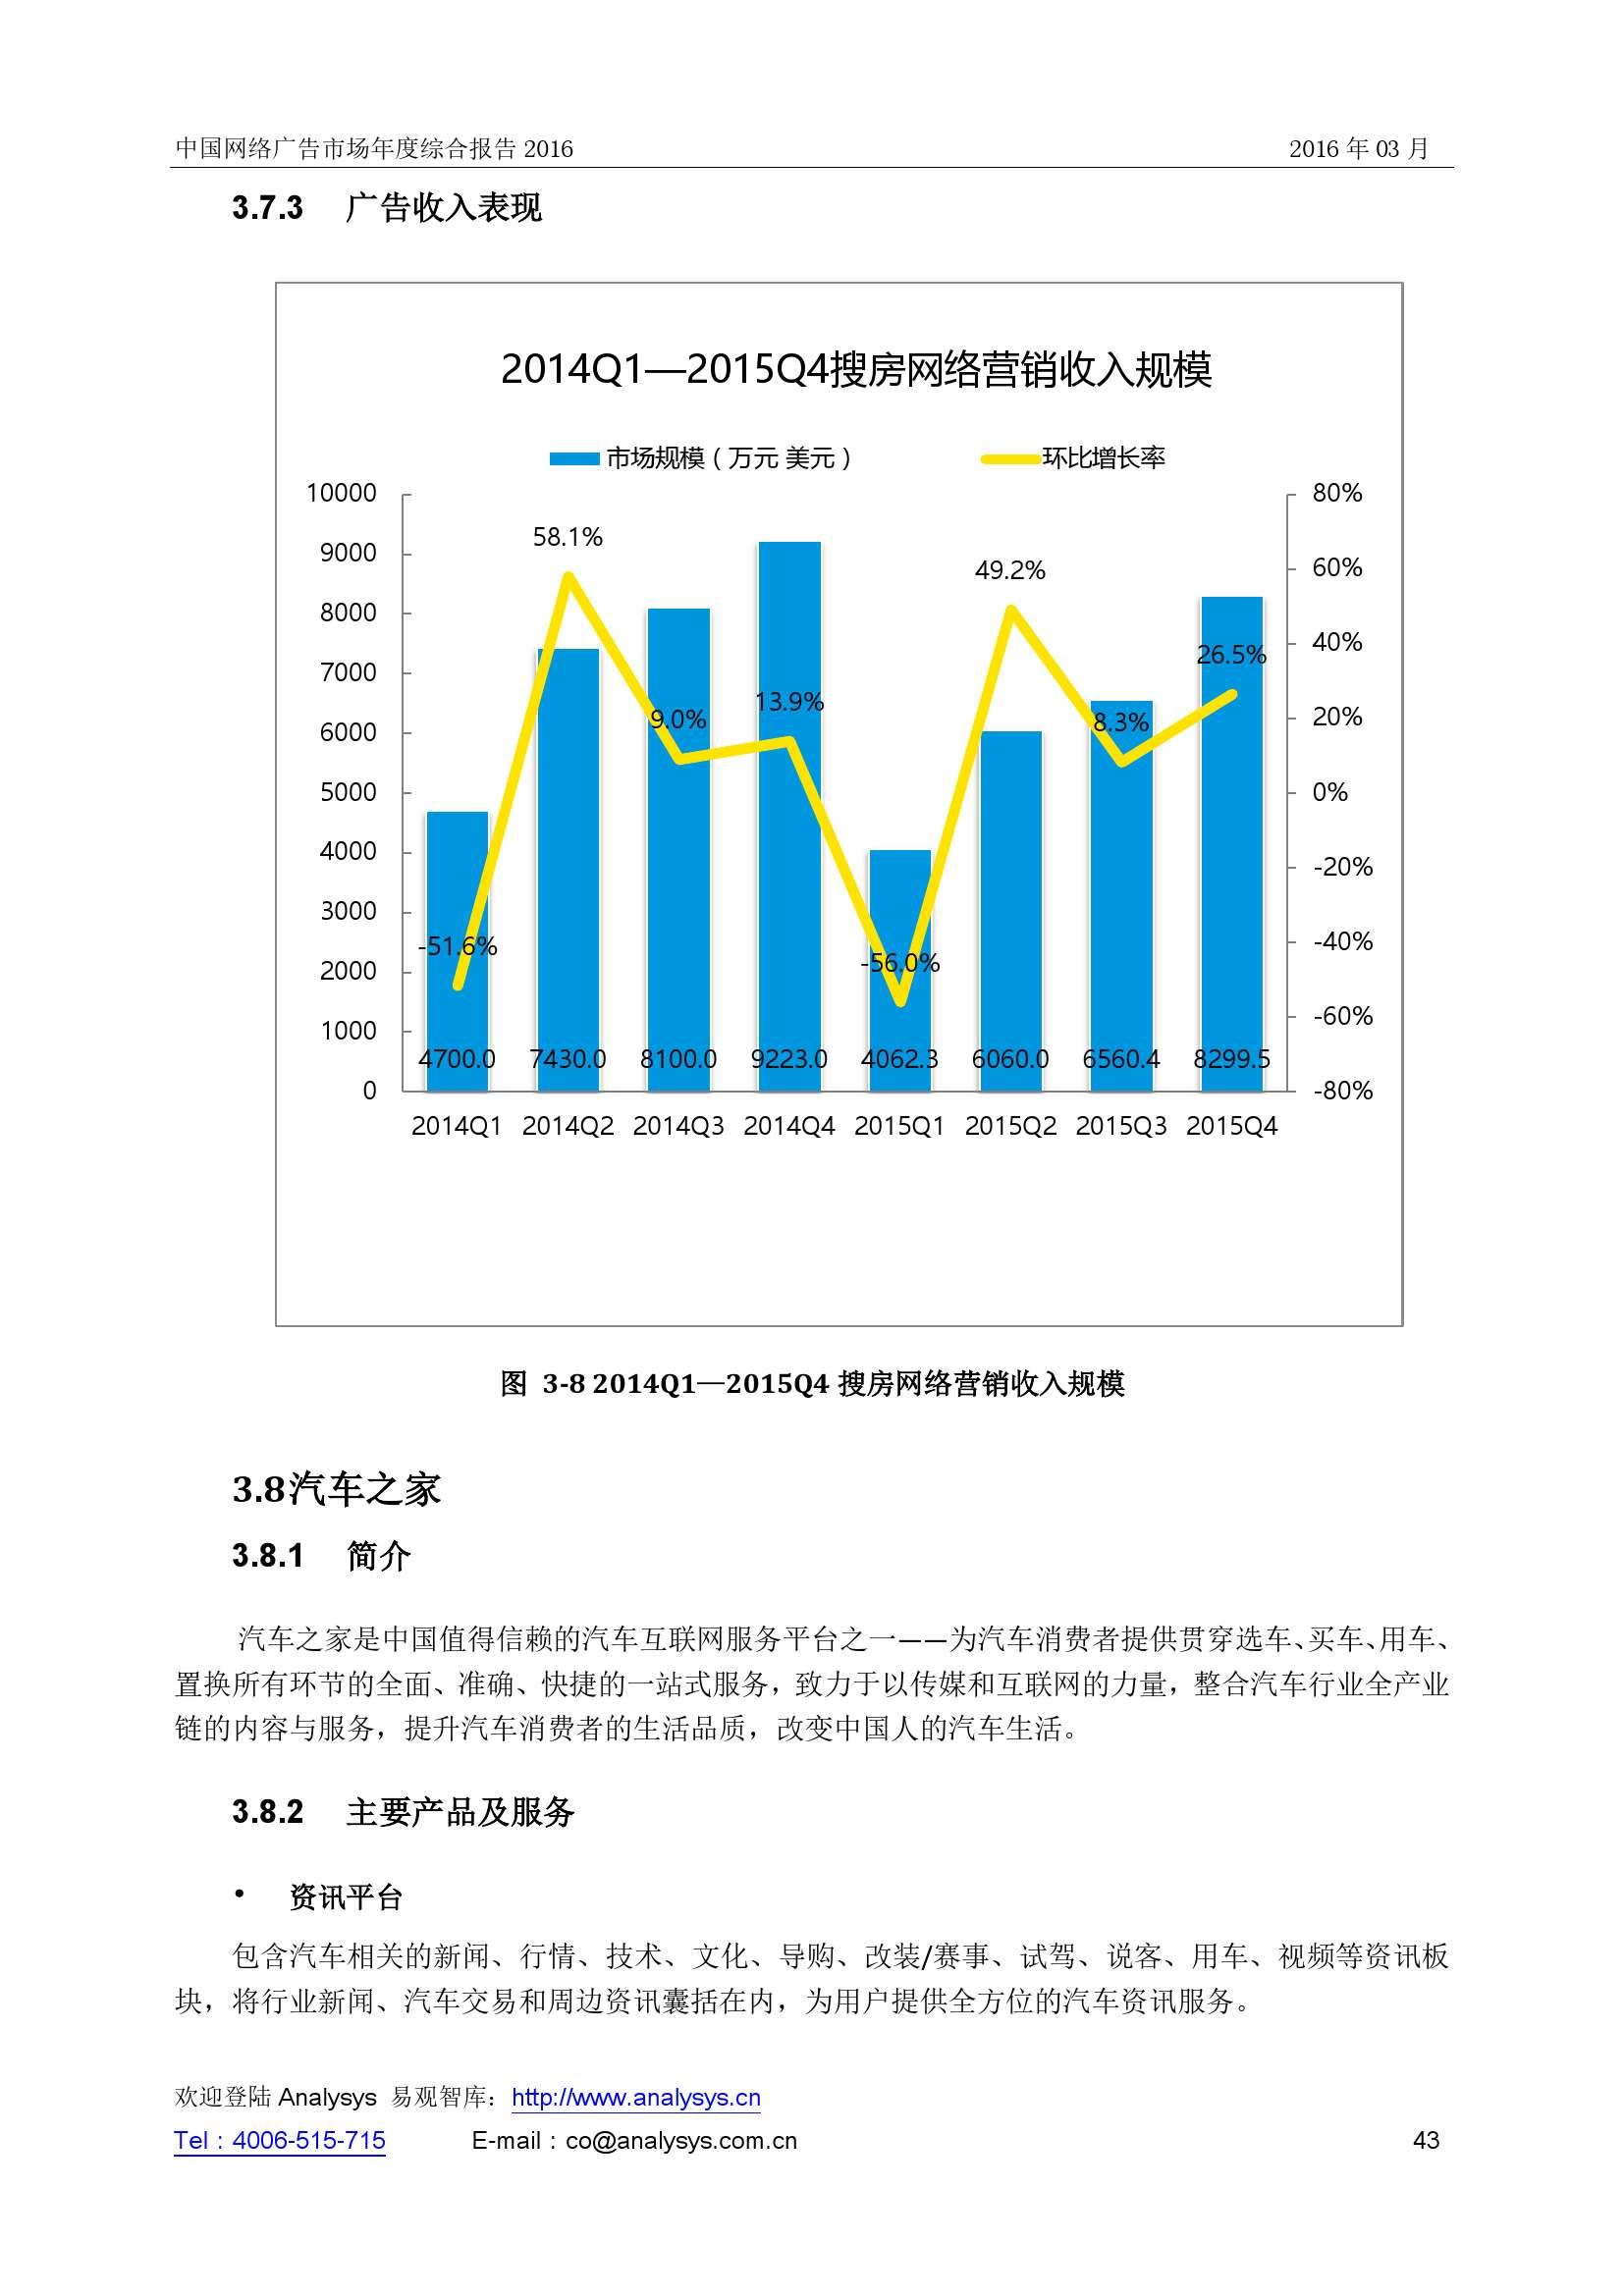 中国网络广告市场年度综合报告2016_000043